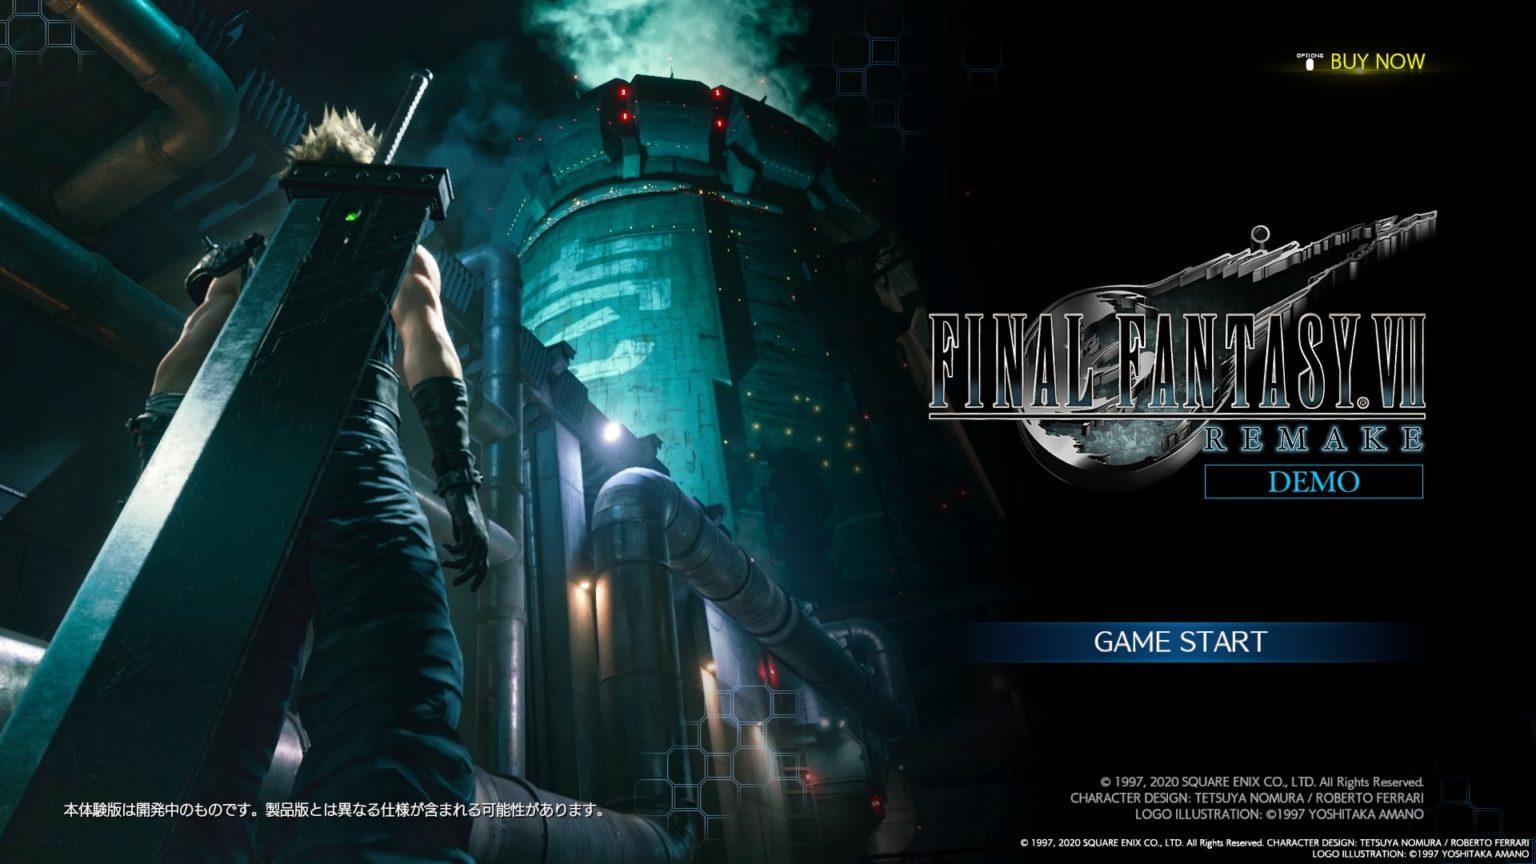 手工高玩展示克劳德招牌巨剑纸壳版 迎接《FF7重制版》发售